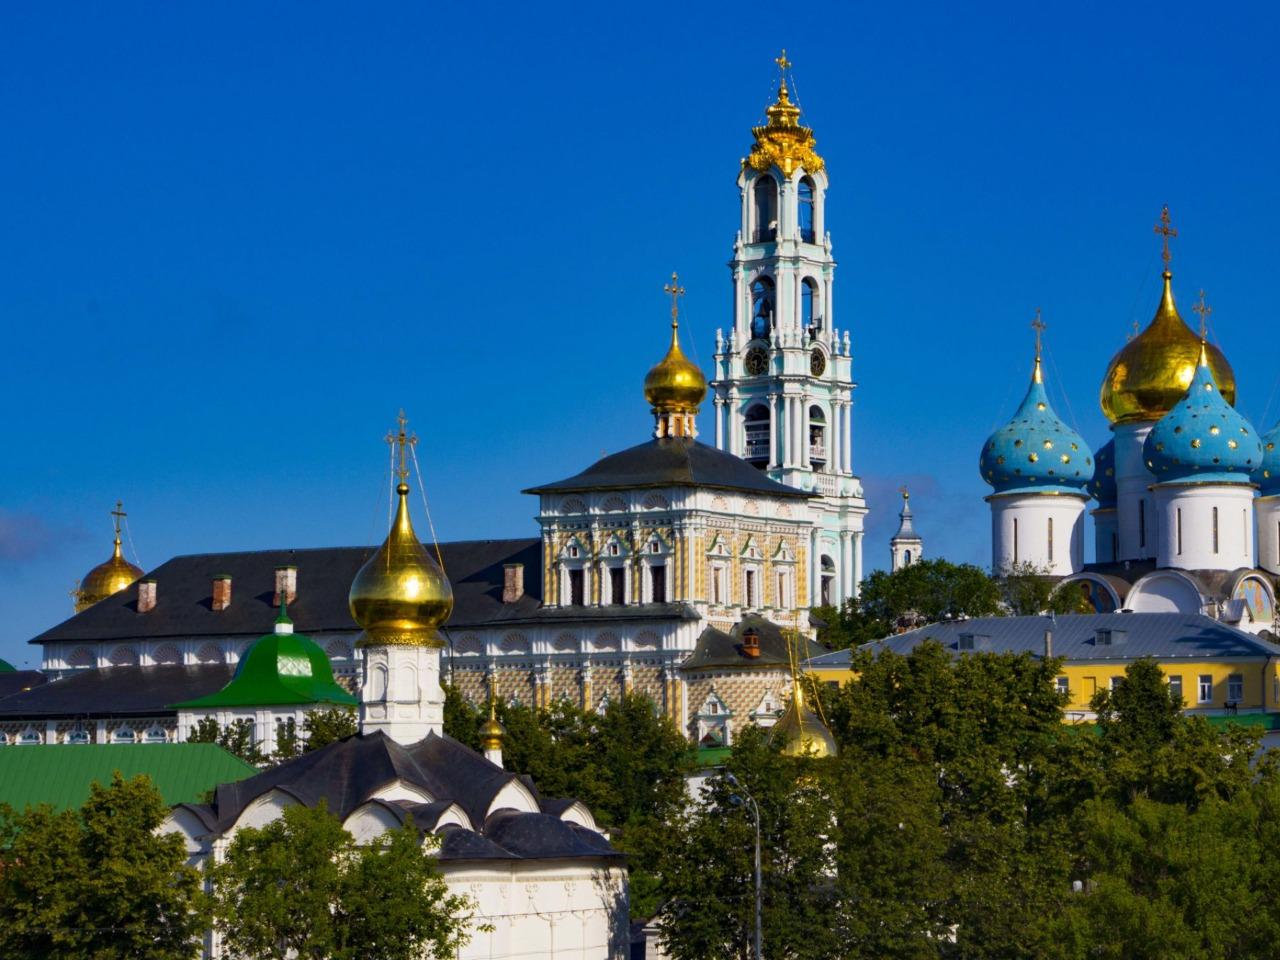 Один день в городе Сергия - индивидуальная экскурсия в Сергиевом Посаде от опытного гида